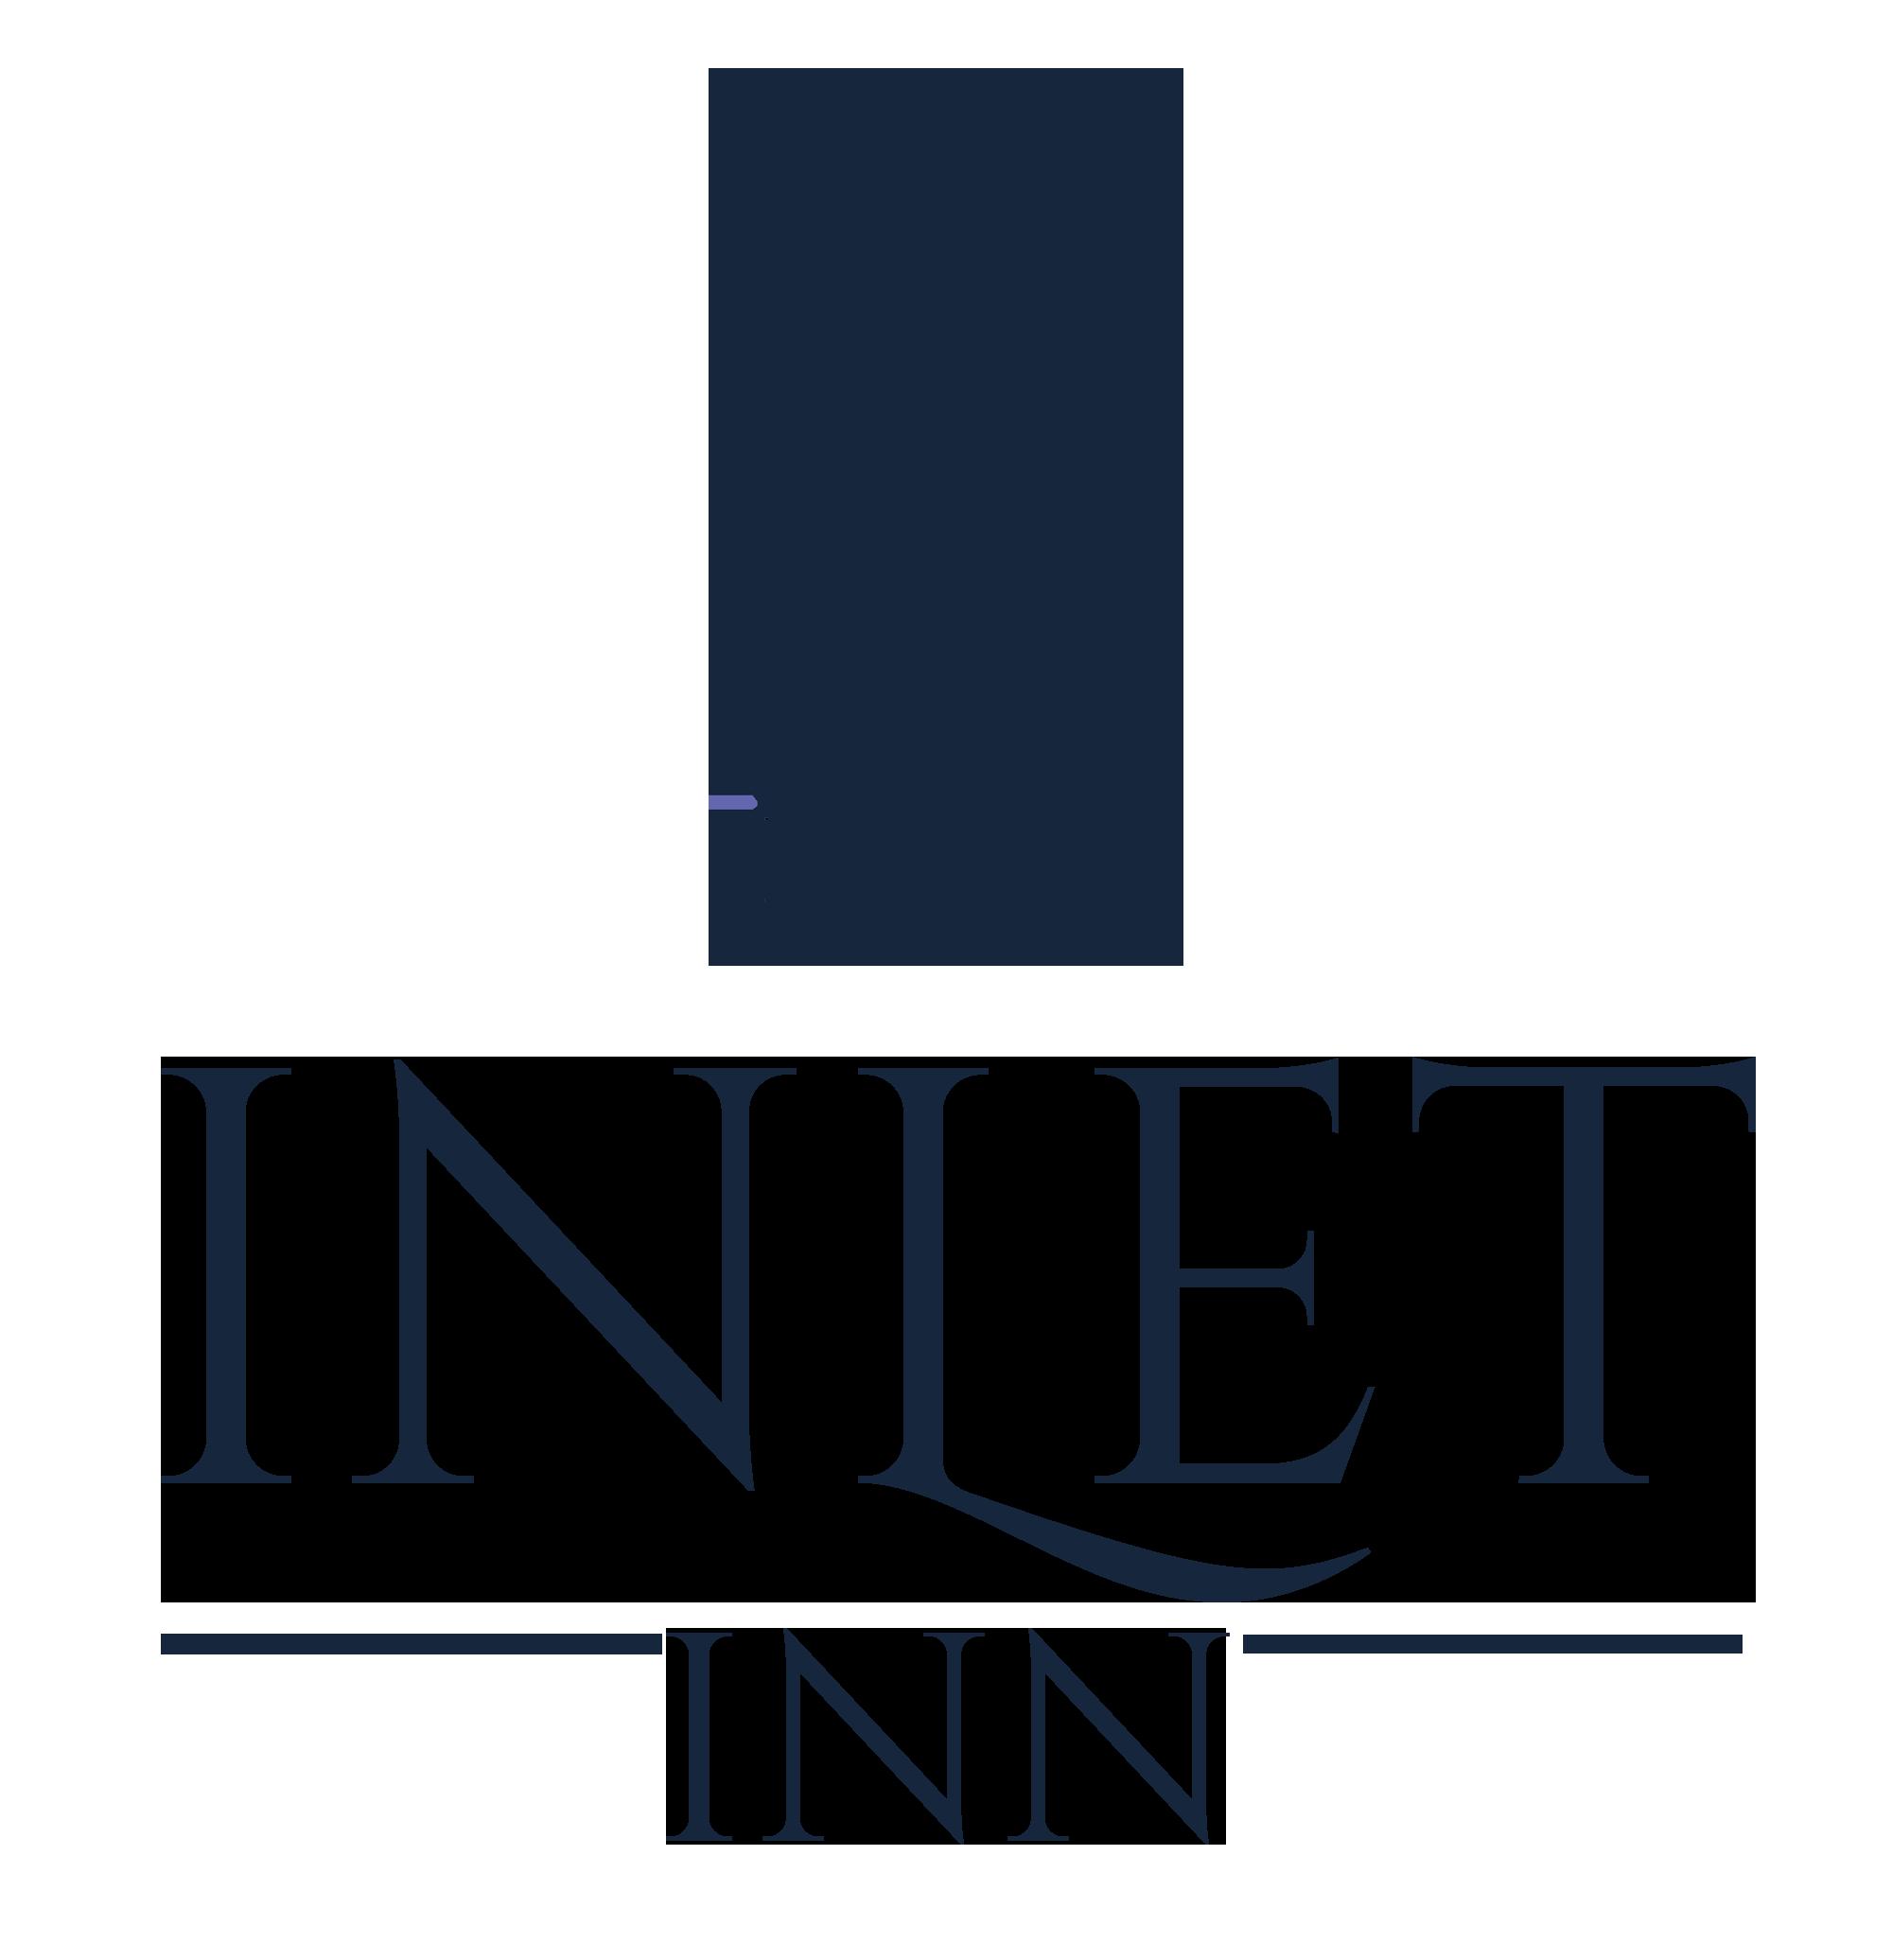 Inlet Inn Beaufort NC Hotel